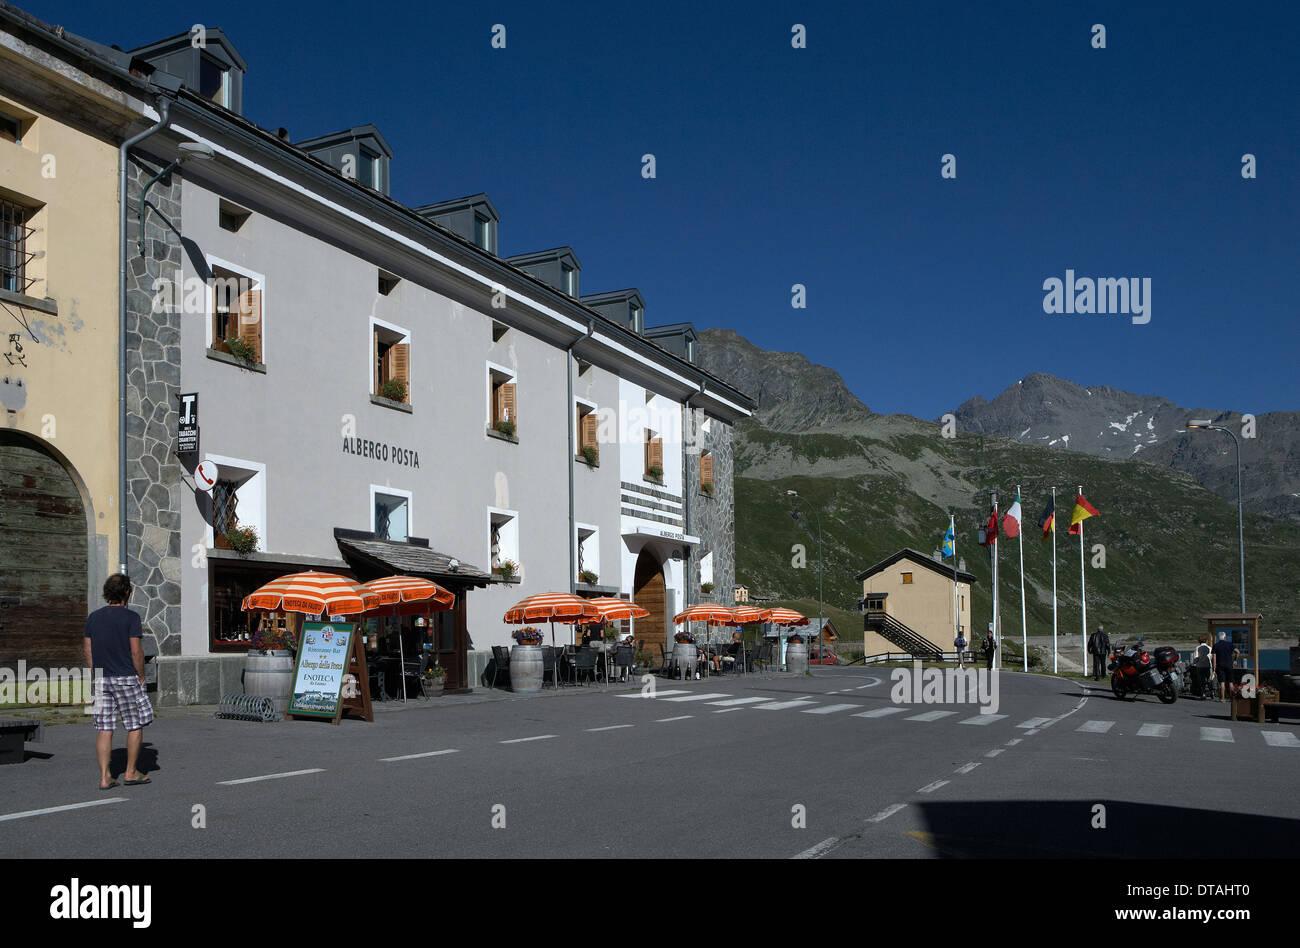 Montespluga, Italy, umbrellas in front of the Albergo della Posta Guest House - Stock Image